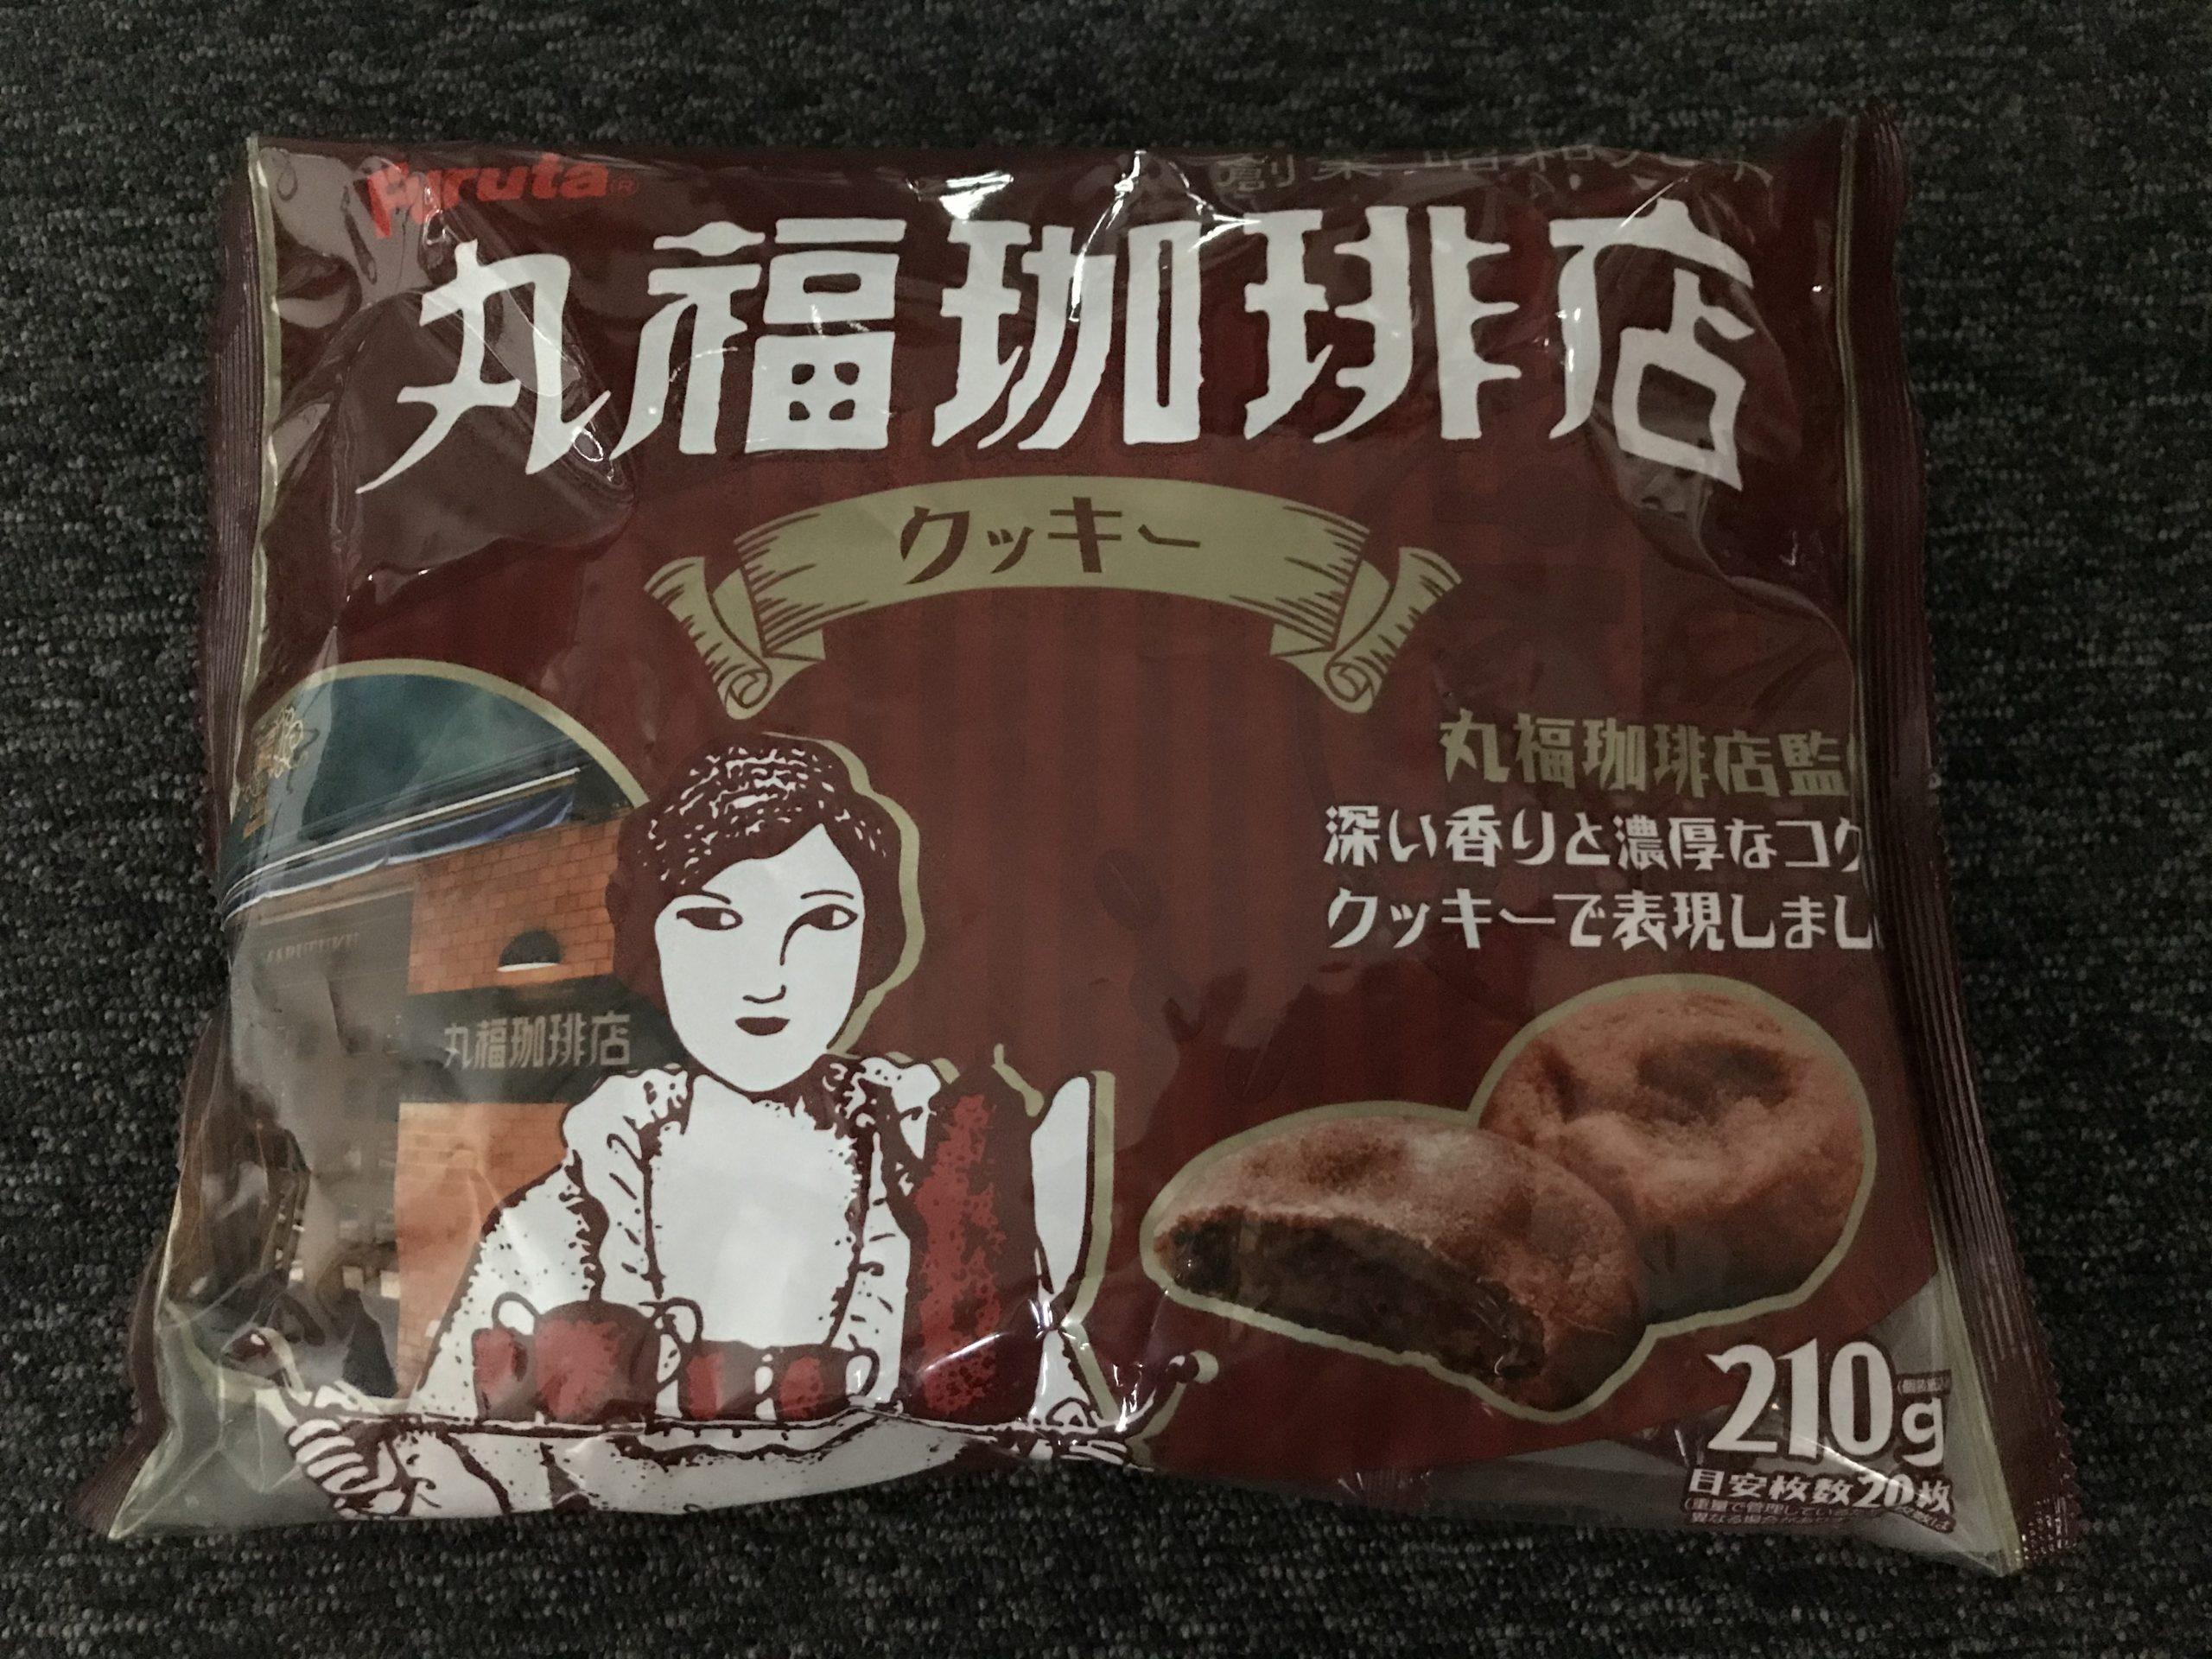 丸福珈琲店クッキー